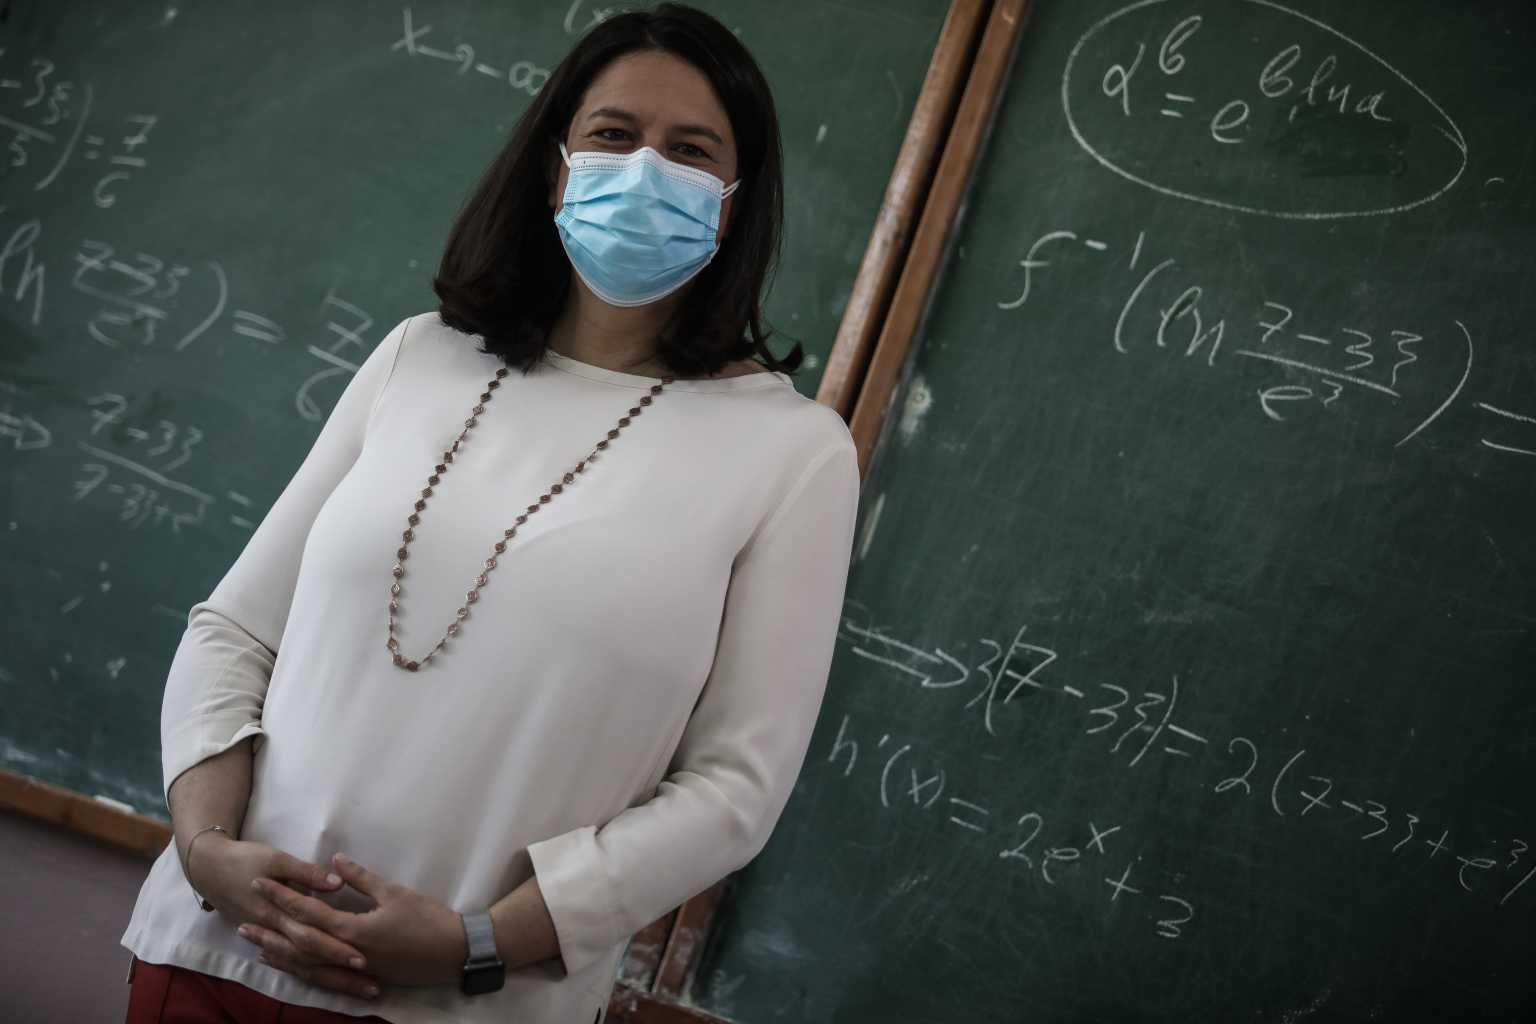 Νίκη Κεραμέως: Ενδεχόμενο υποχρεωτικού εμβολιασμού και των φοιτητών για να ανοίξουν τα Πανεπιστήμια